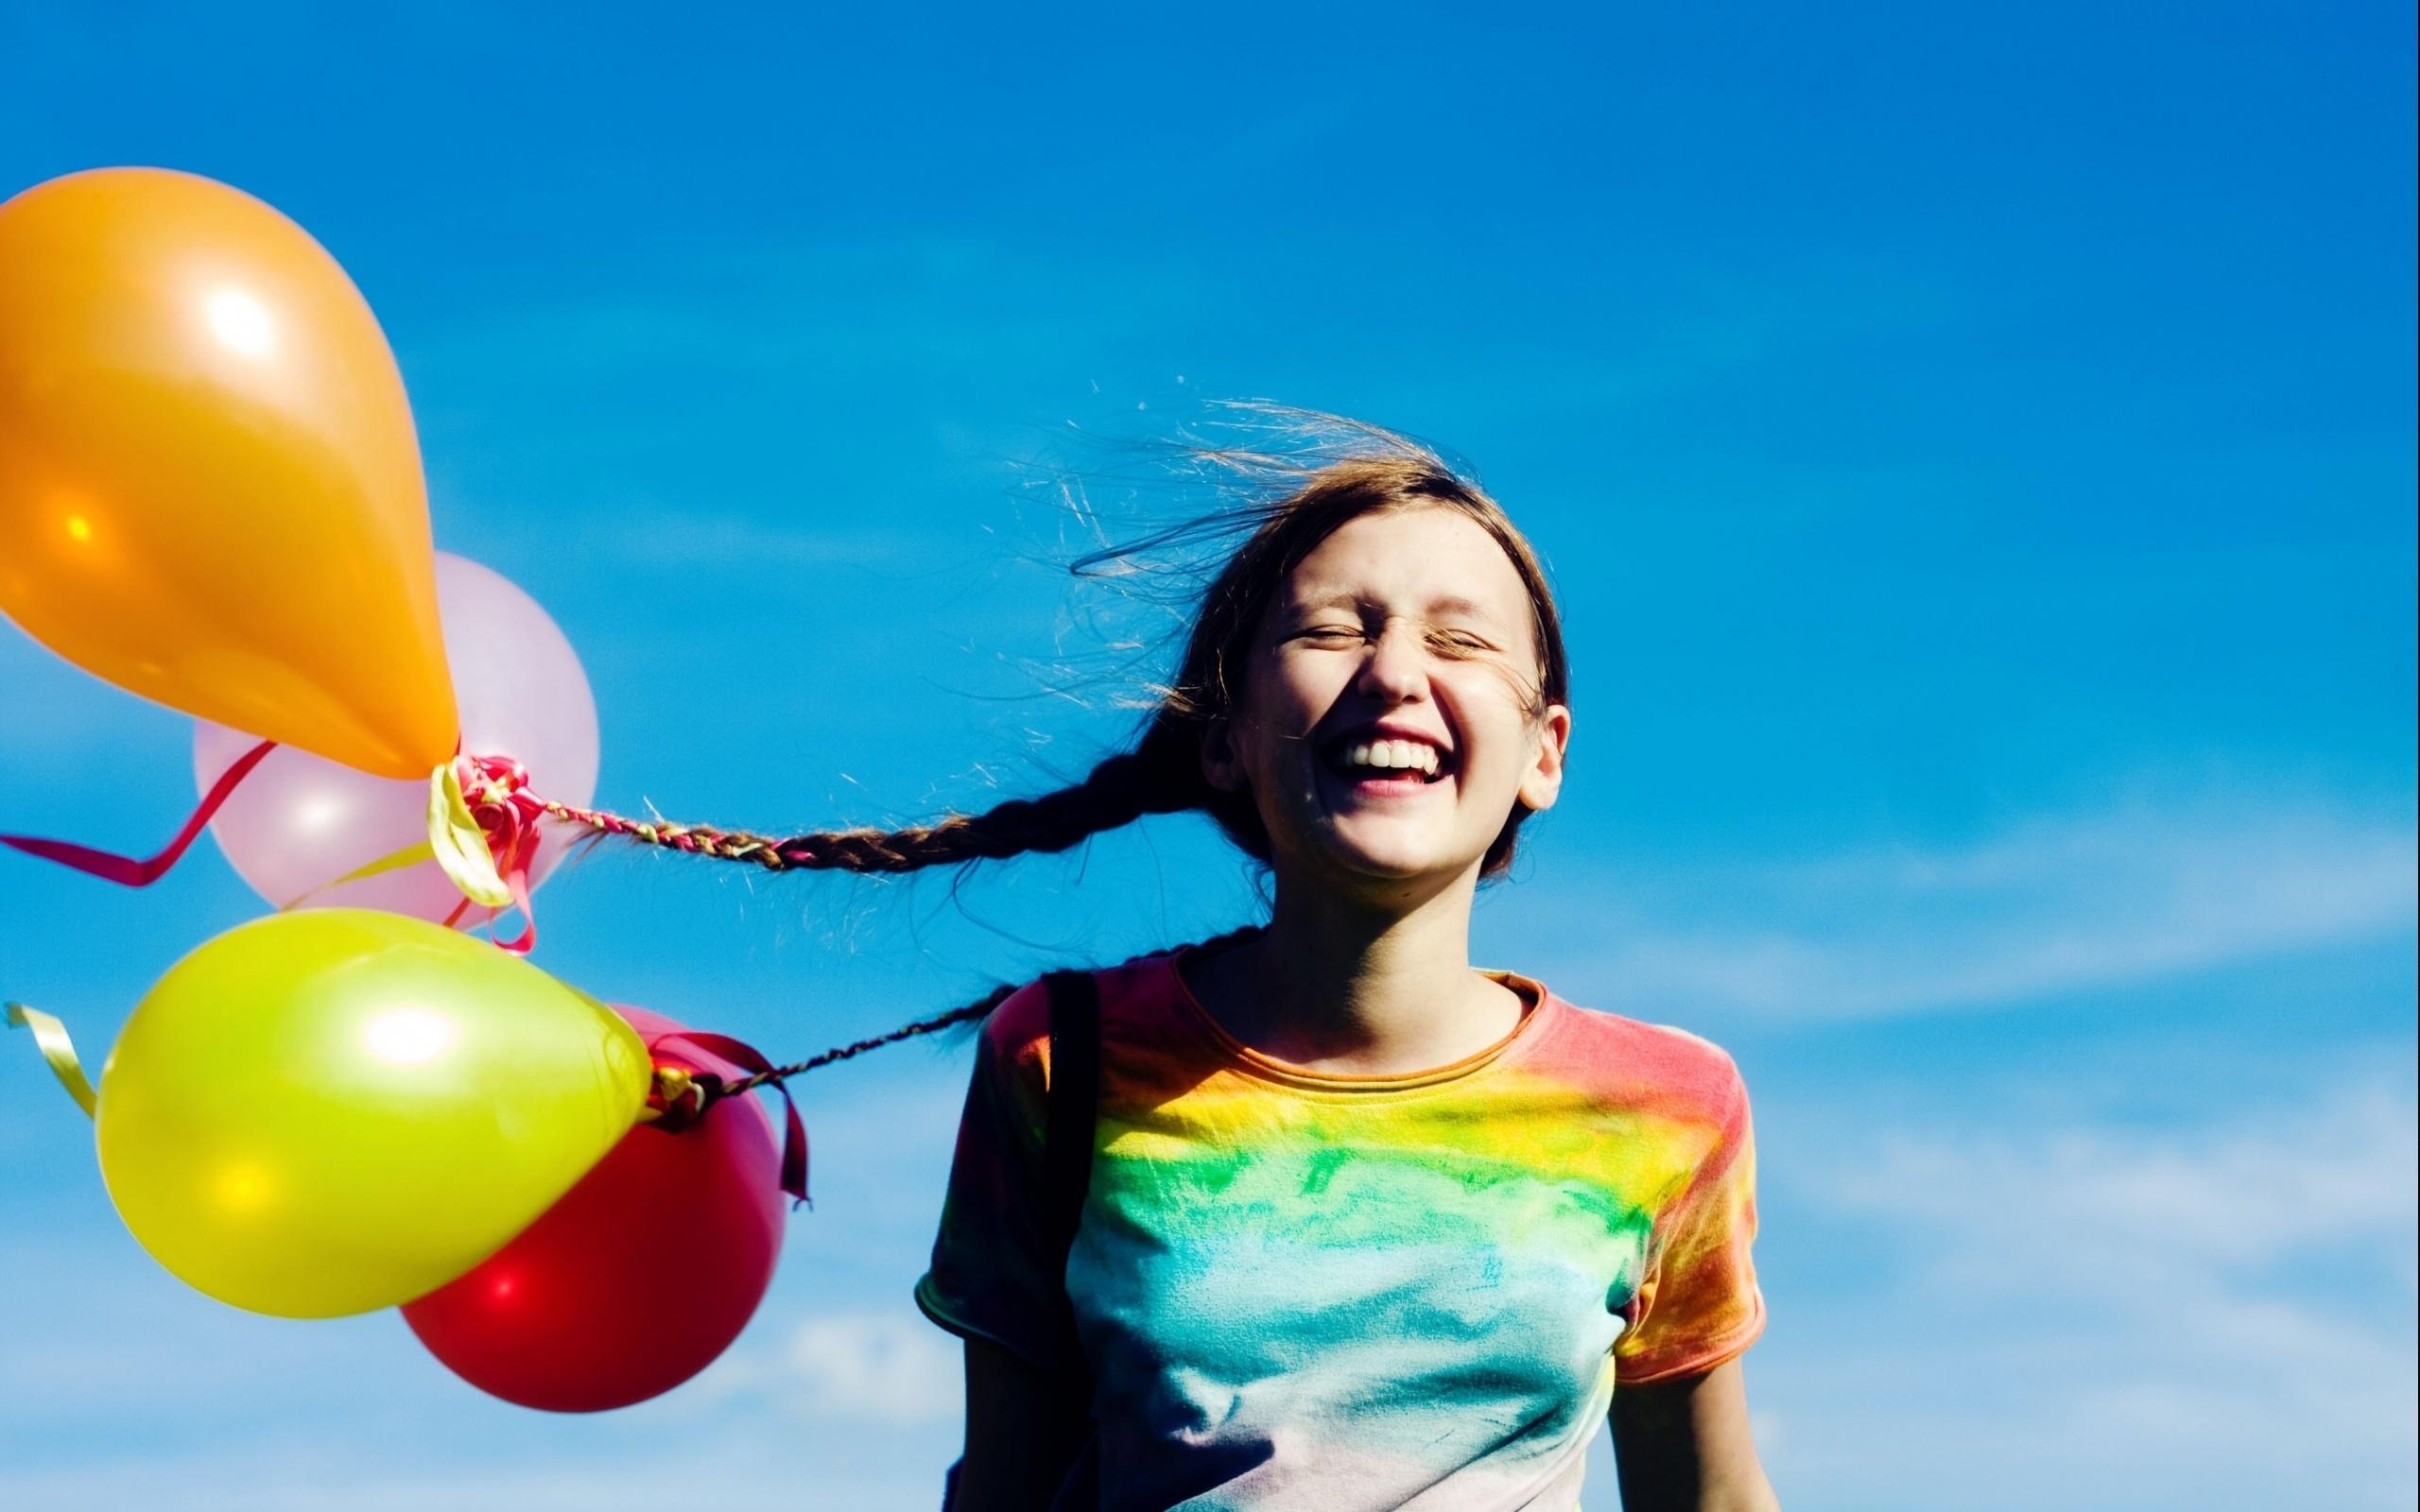 девченка веселая улыбка скачать